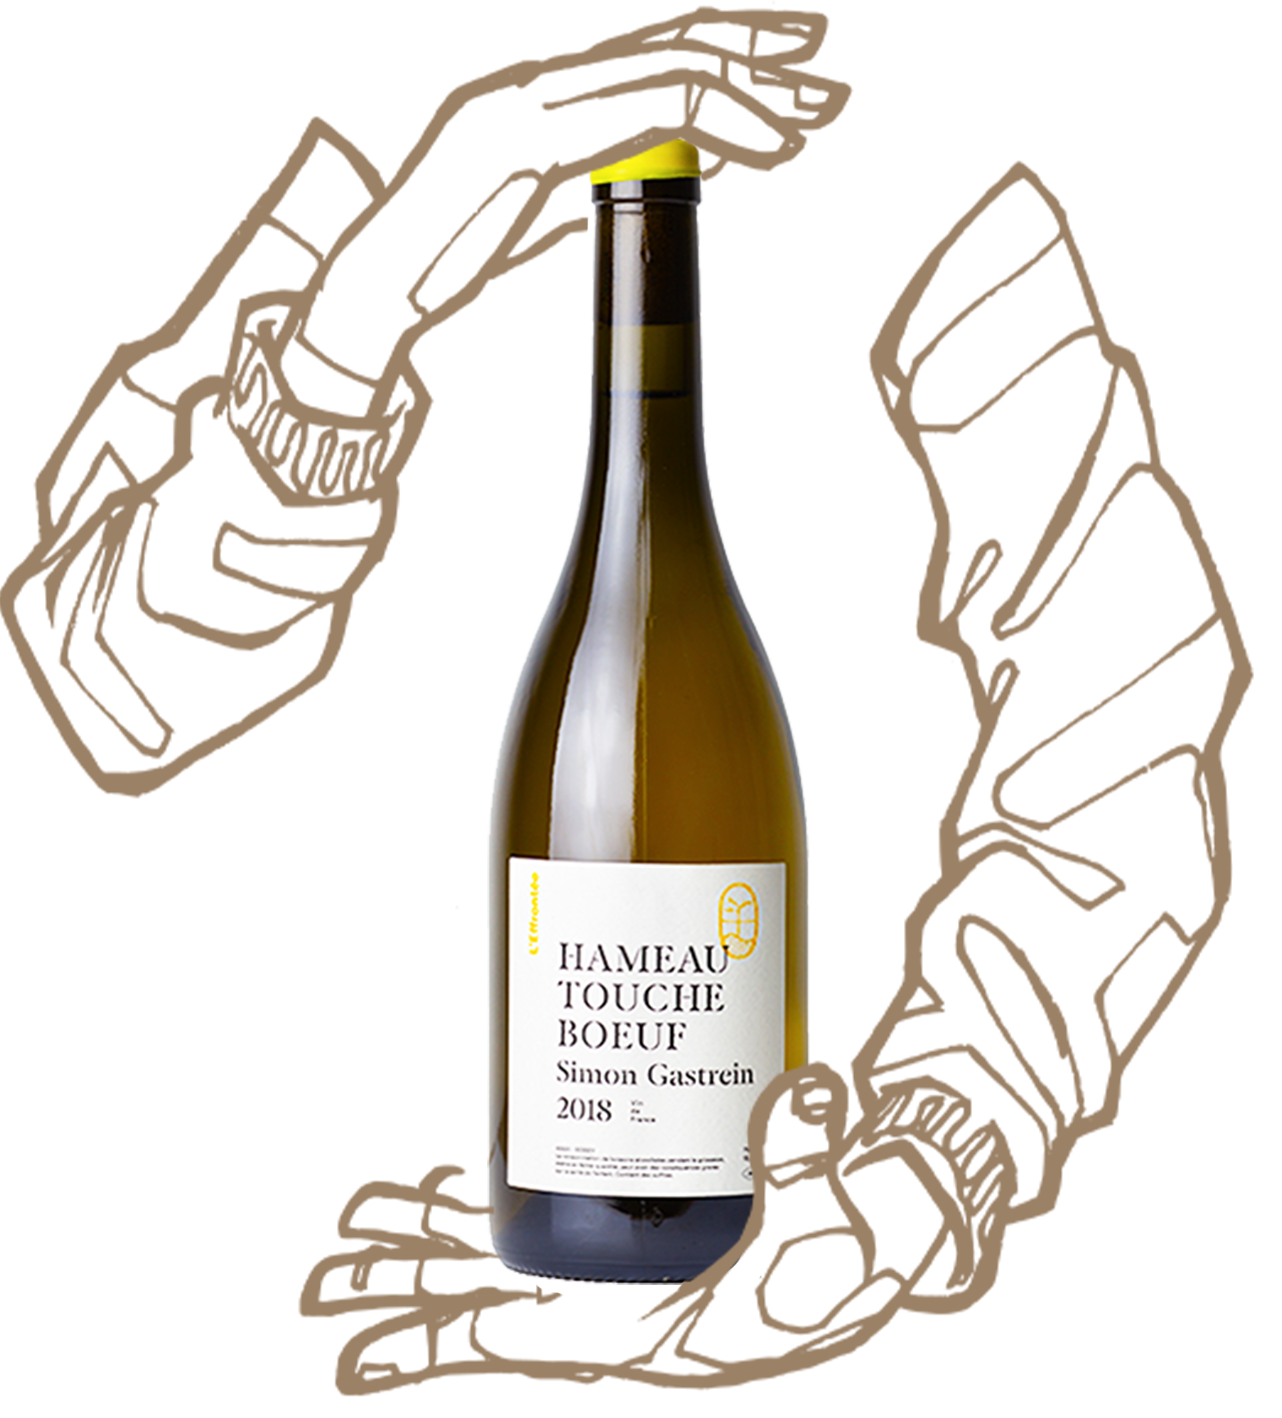 Hameau toucheboeuf, L'Effrontée, natural wine